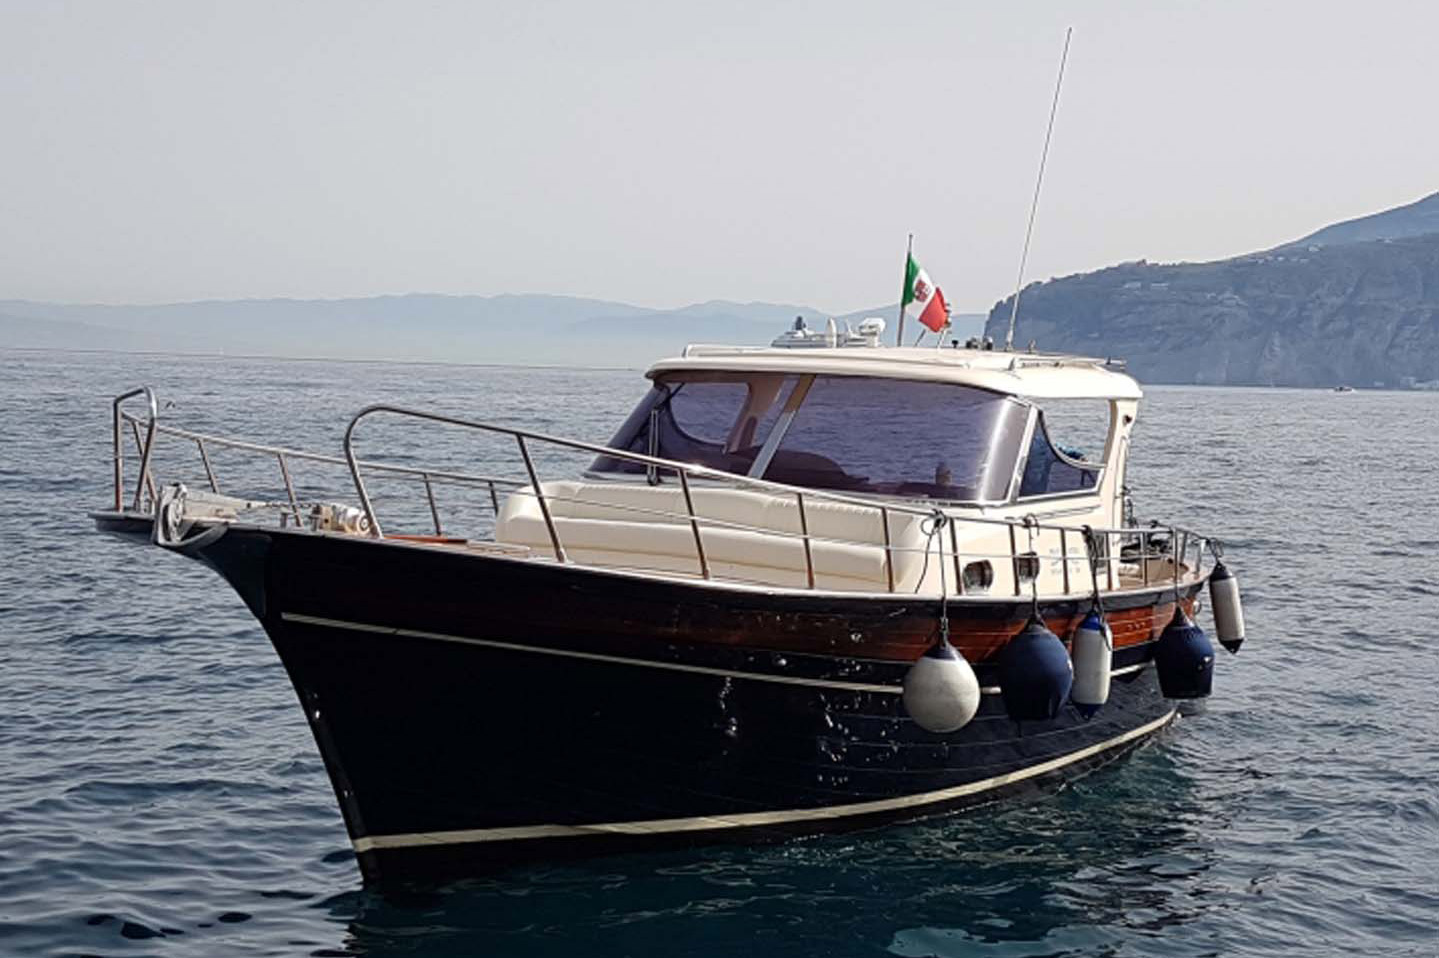 Noleggio barche Amalfi | Tour in barca Sorrento | Capri Boat Tour